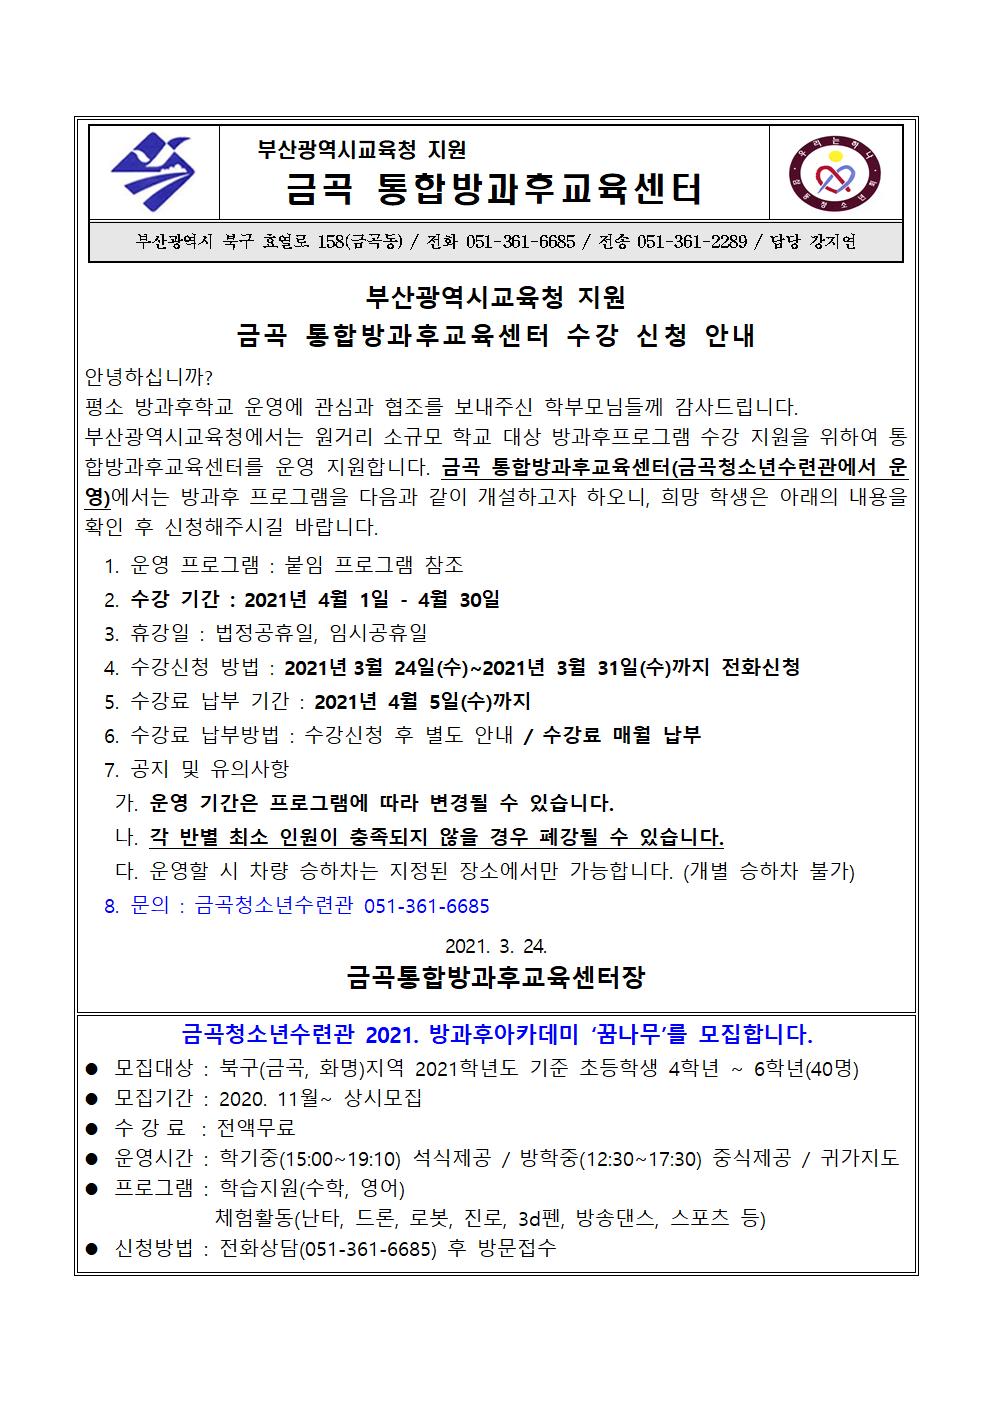 2021 4월 통합방과후교육센터 안내문001.png